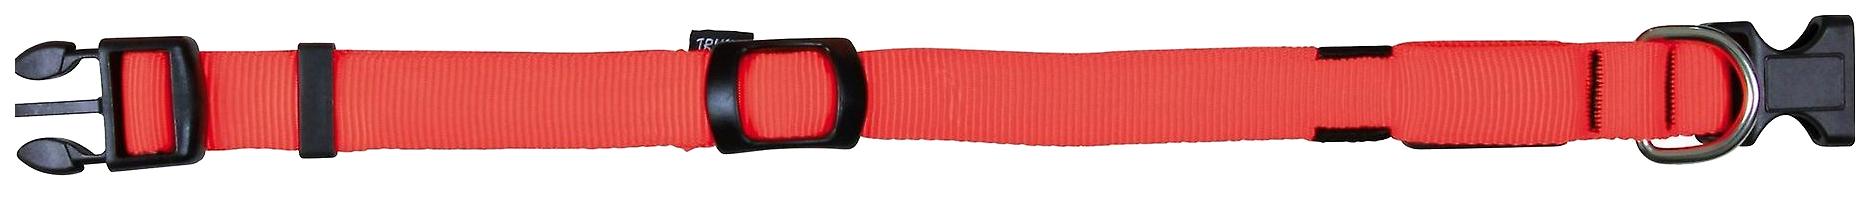 Ошейник для собак Trixie Flash Collar оранжевый 13063